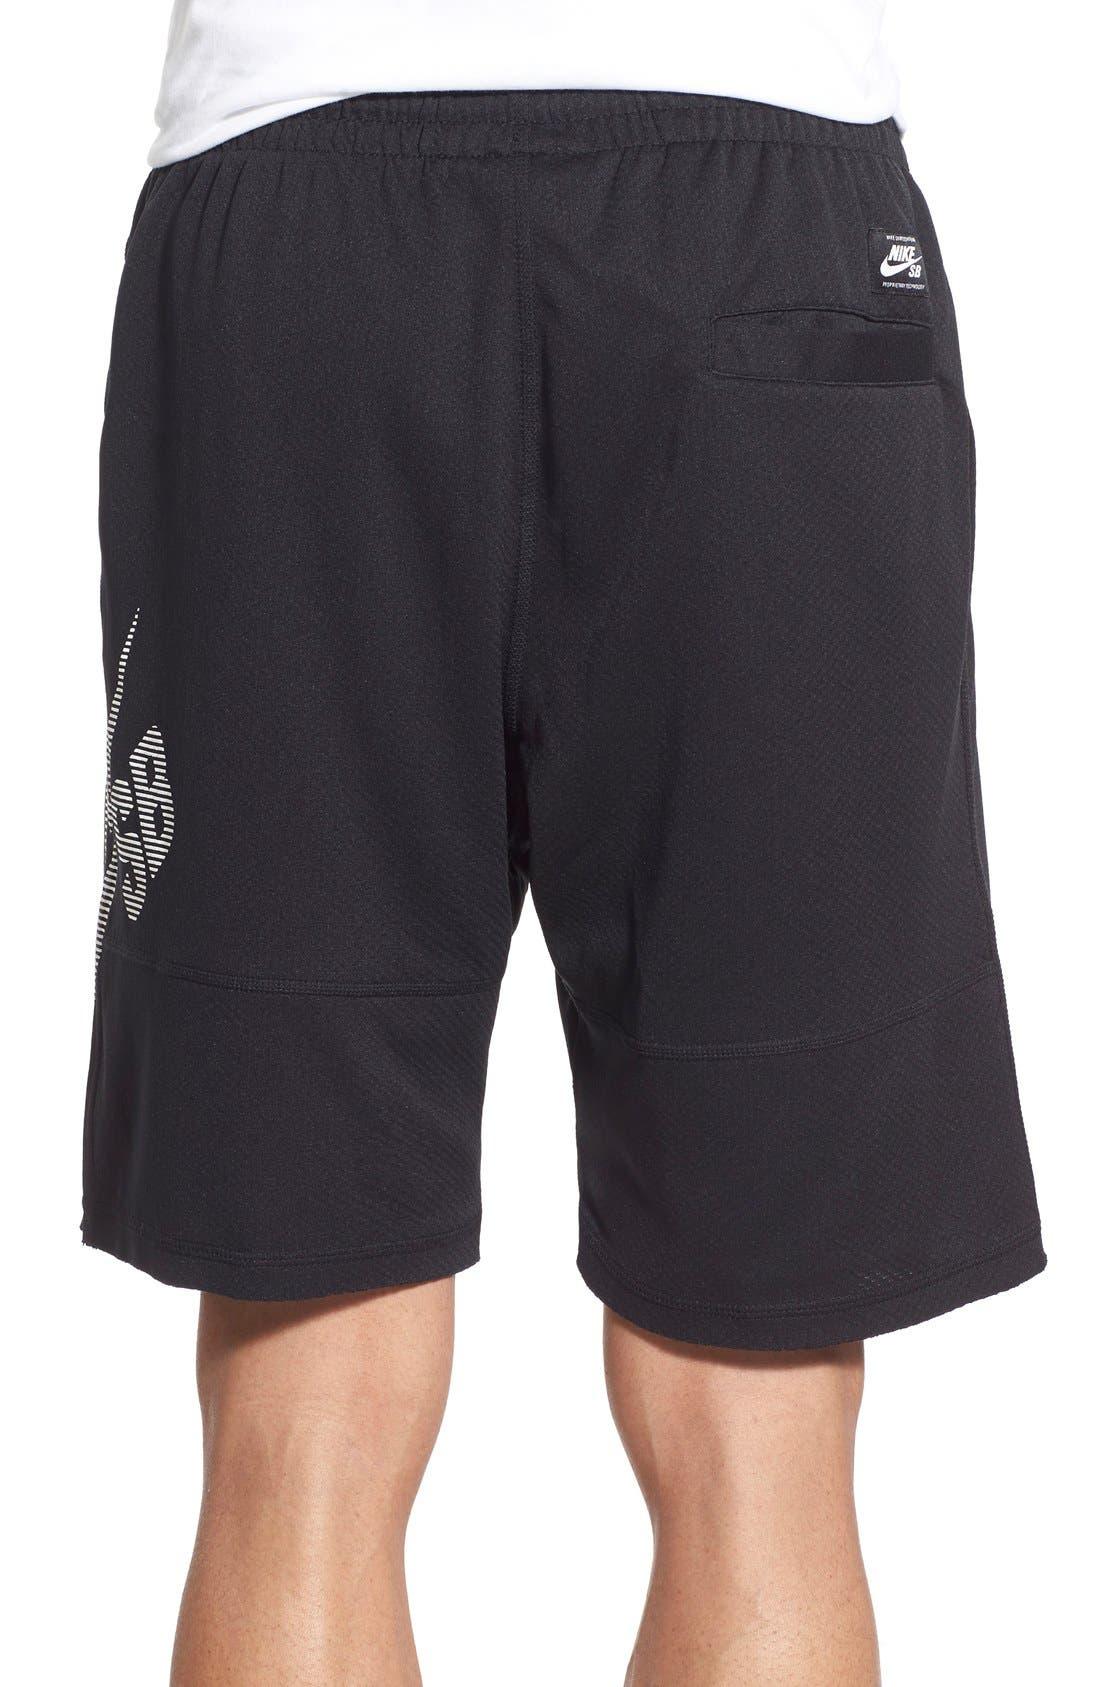 SB 'Stripe Sunday' Dri-FIT Shorts,                             Alternate thumbnail 2, color,                             Black/White